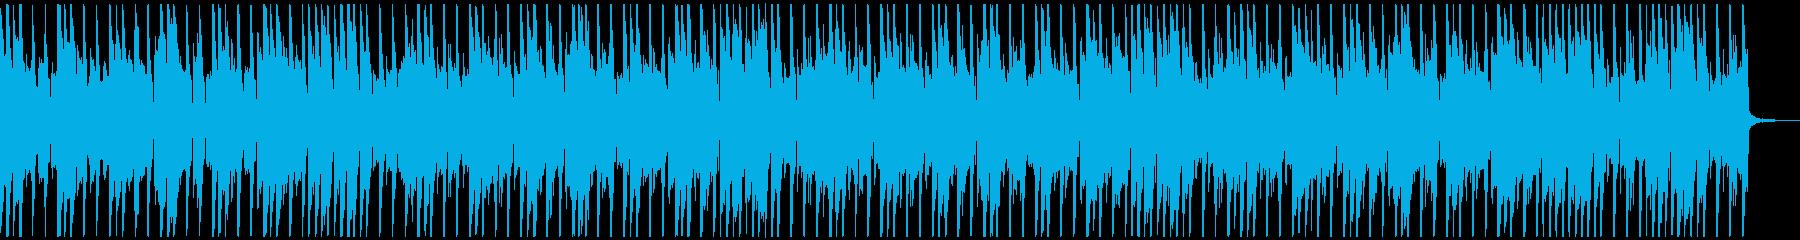 子供向け動画にお勧め!楽しいシンプル曲の再生済みの波形